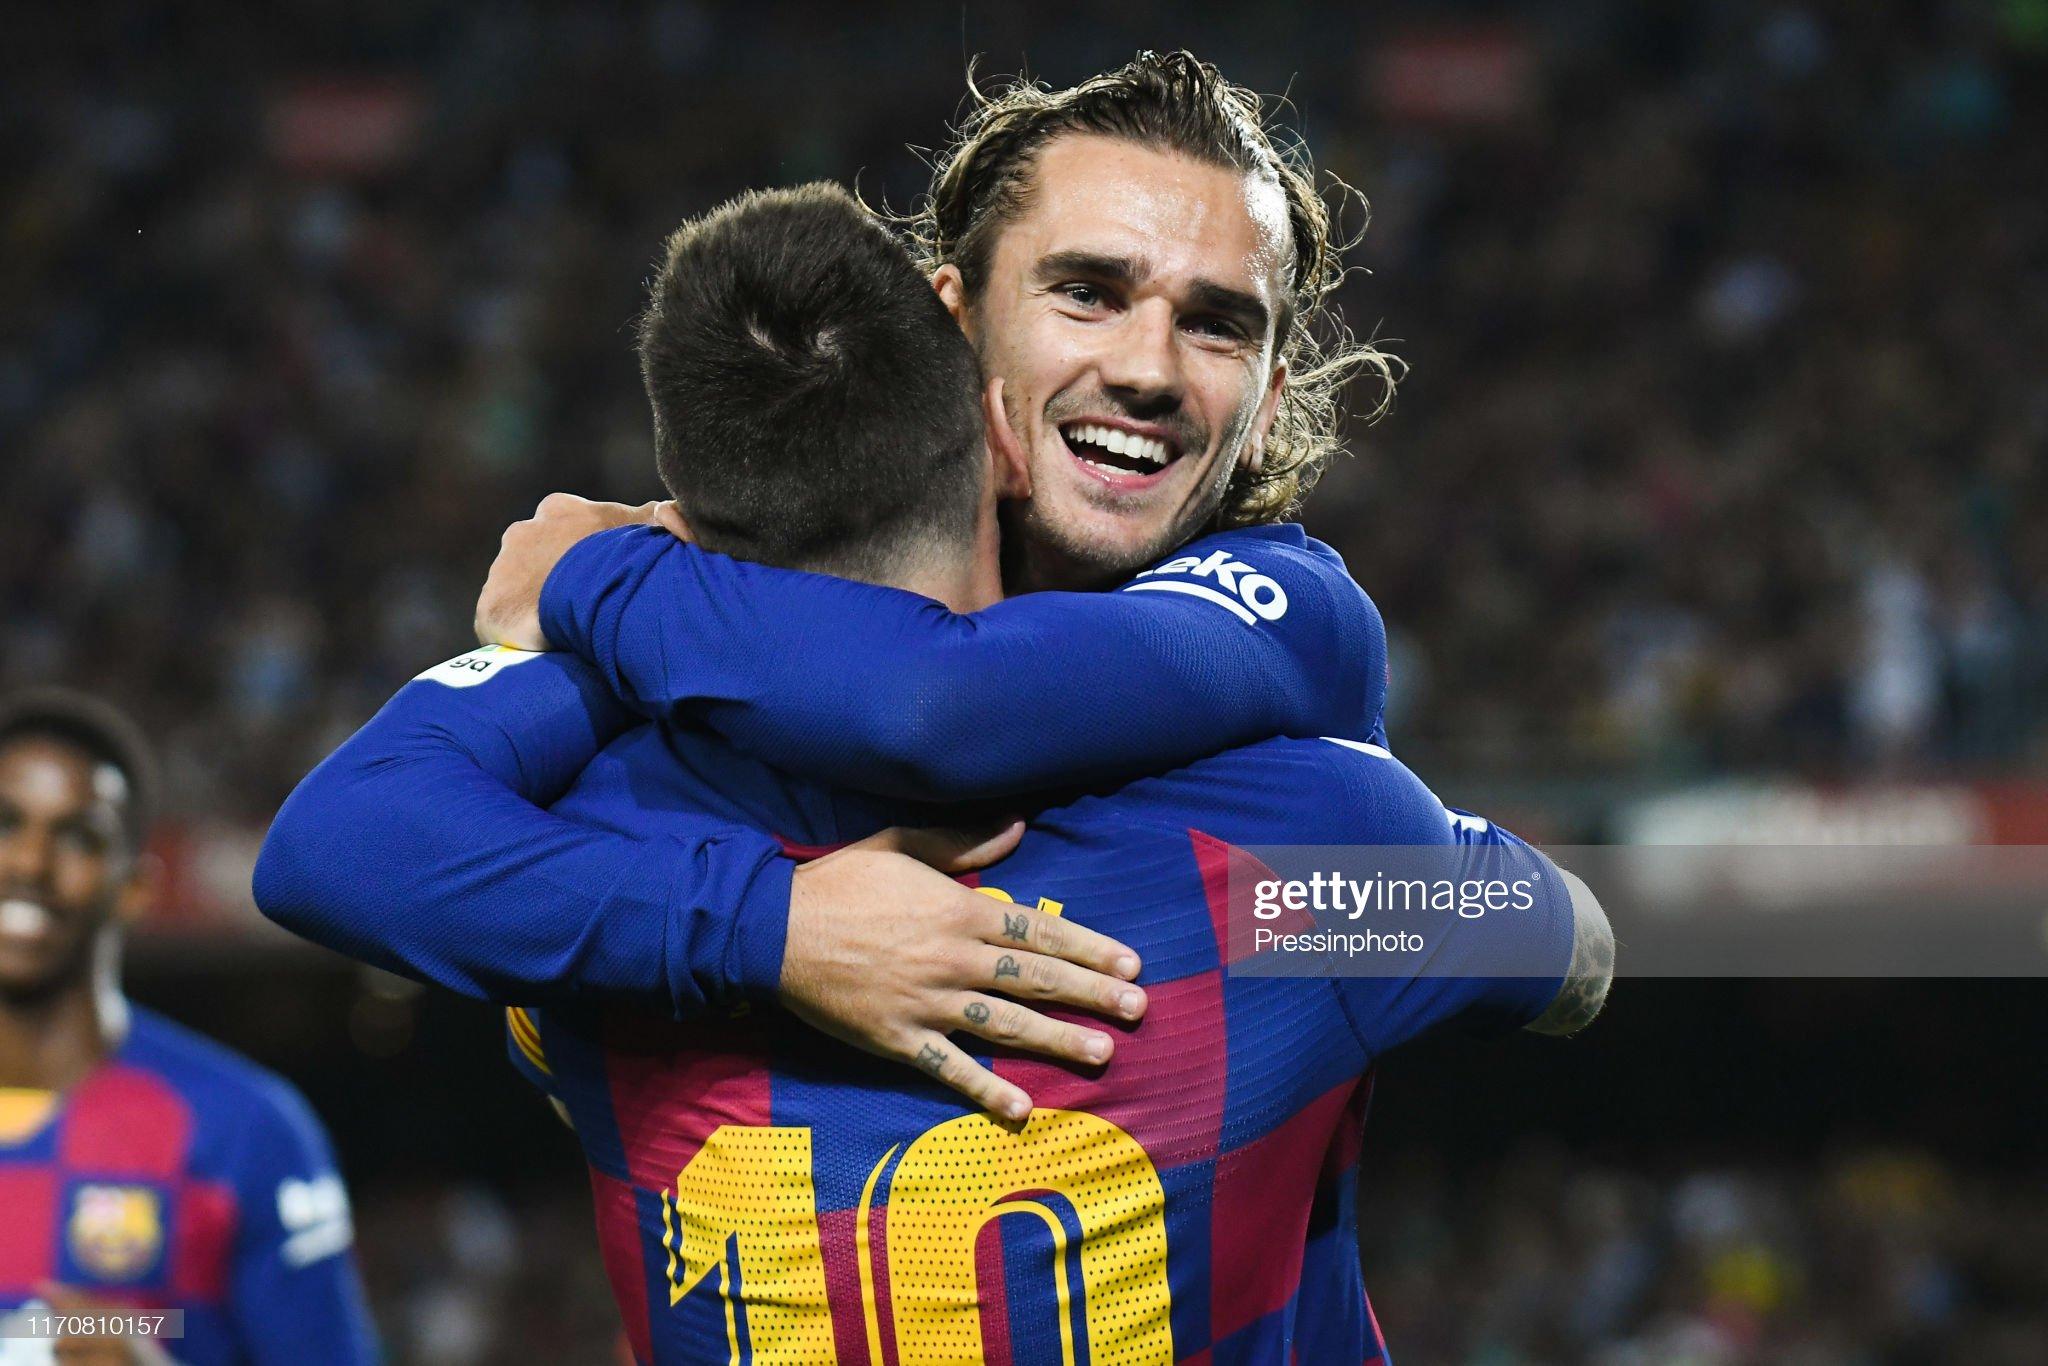 صور مباراة : برشلونة - فياريال 2-1 ( 24-09-2019 )  Antoine-griezmann-of-fc-barcelona-celebrates-his-goal-with-lionel-of-picture-id1170810157?s=2048x2048